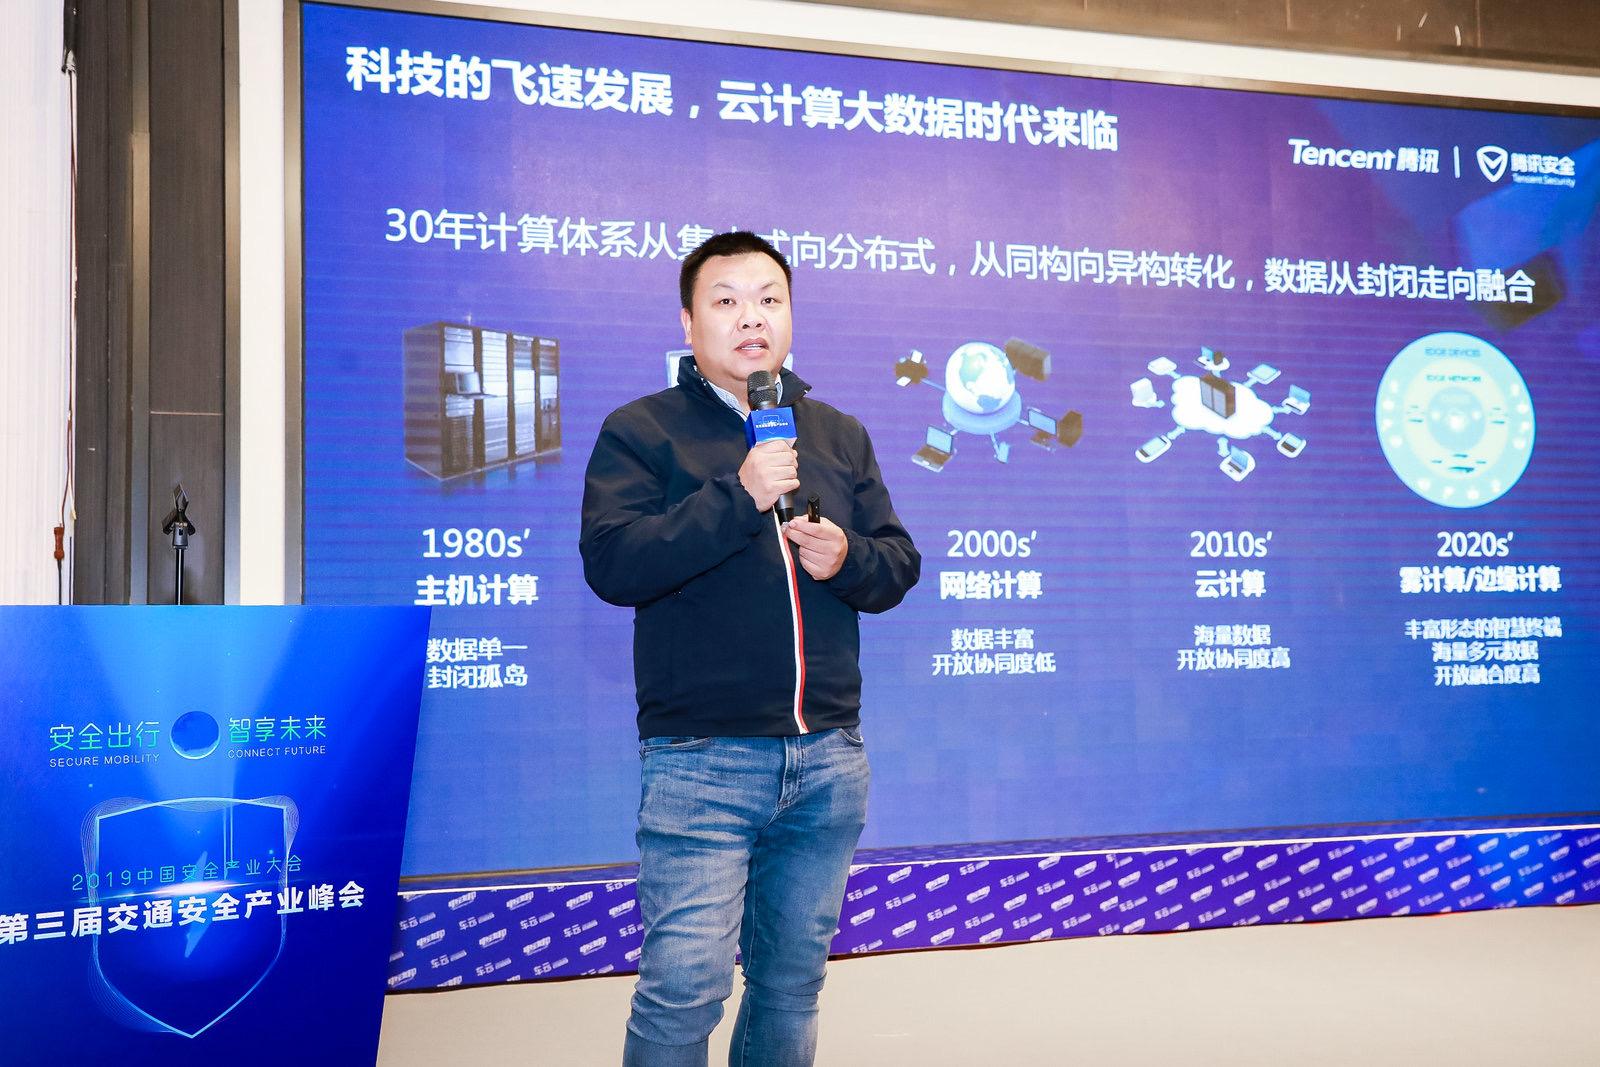 腾讯产业安全平台部总经理吕一平